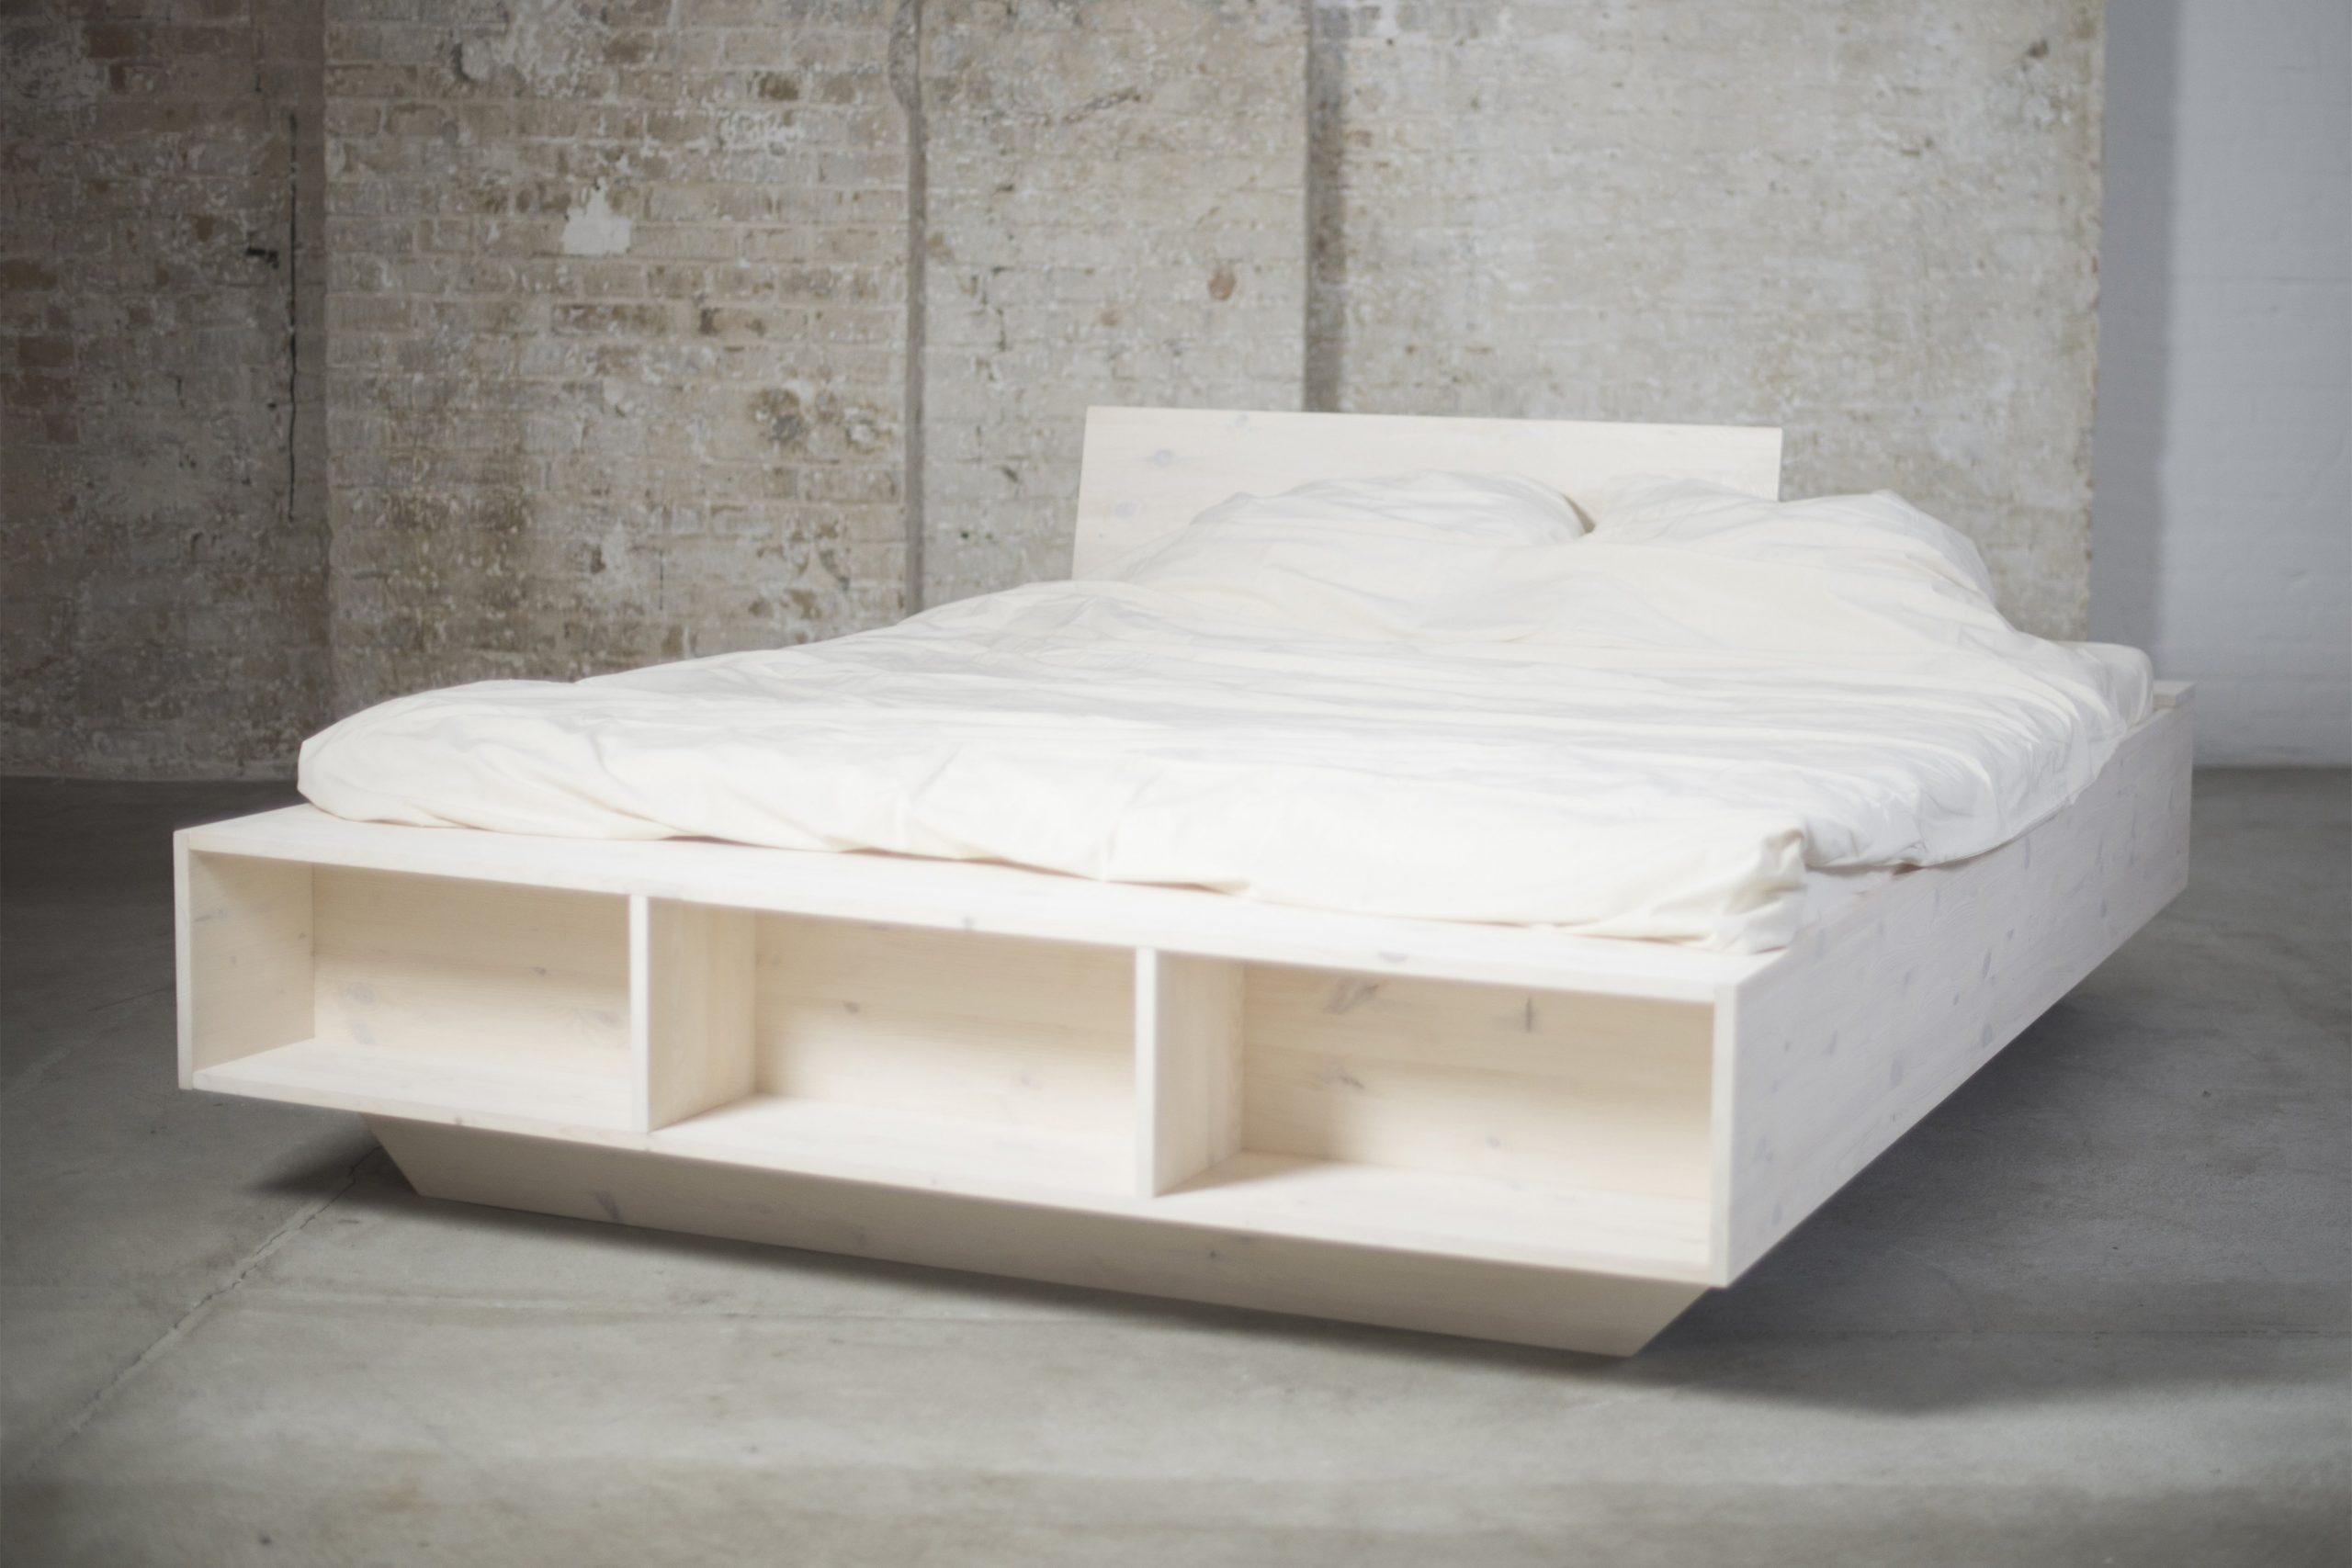 Full Size of Weiße Betten Design Bett Aus Massivholz Mit Stil Und Stauraum Antike Ottoversand Rauch 180x200 Ikea 160x200 Japanische 200x200 Poco Französische Hohe Coole Bett Weiße Betten